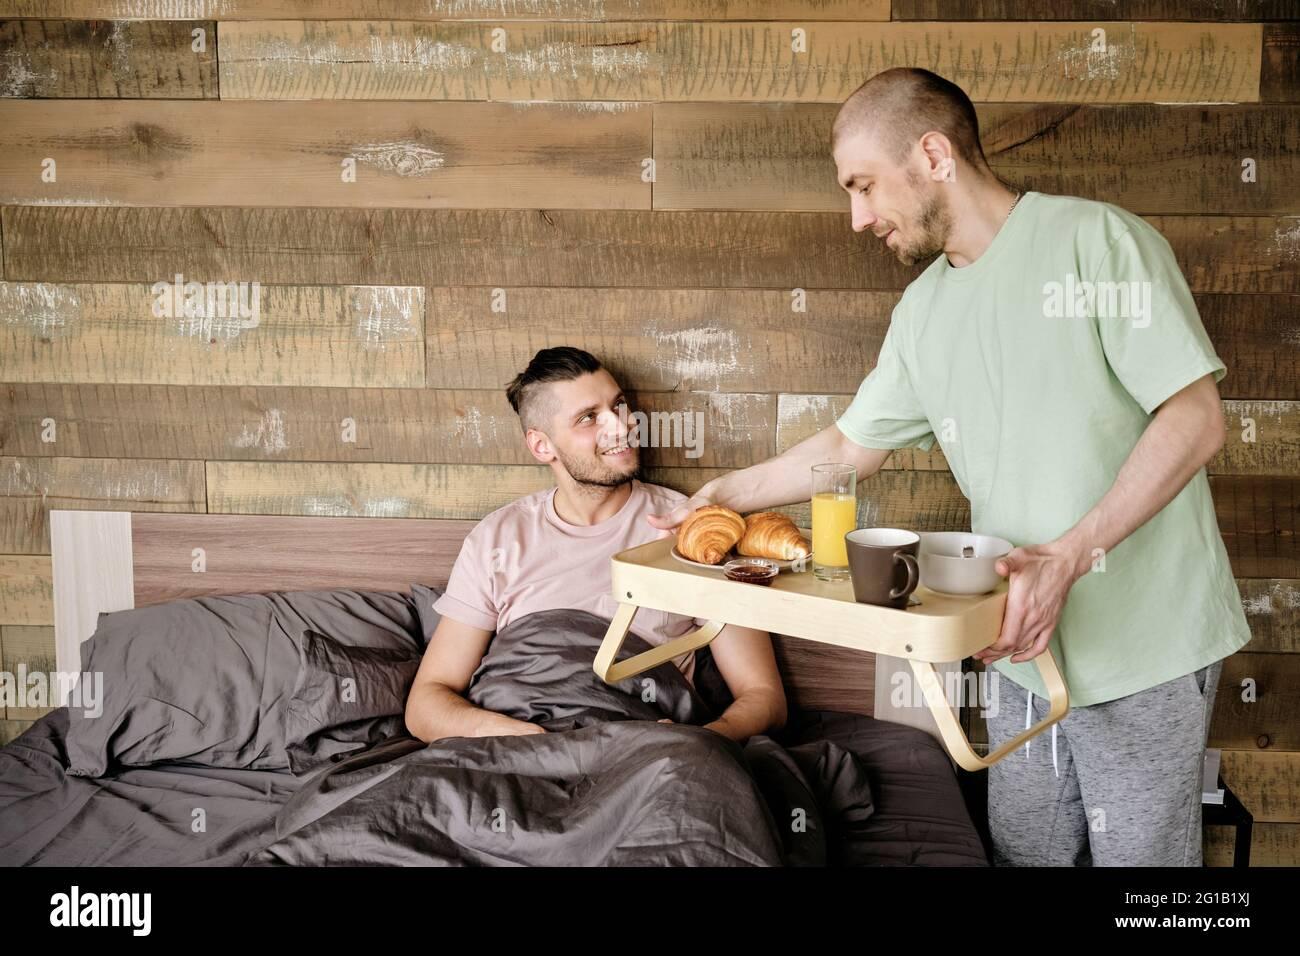 Hombre joven trayendo una pequeña mesa con desayuno para su novio en la cama Foto de stock